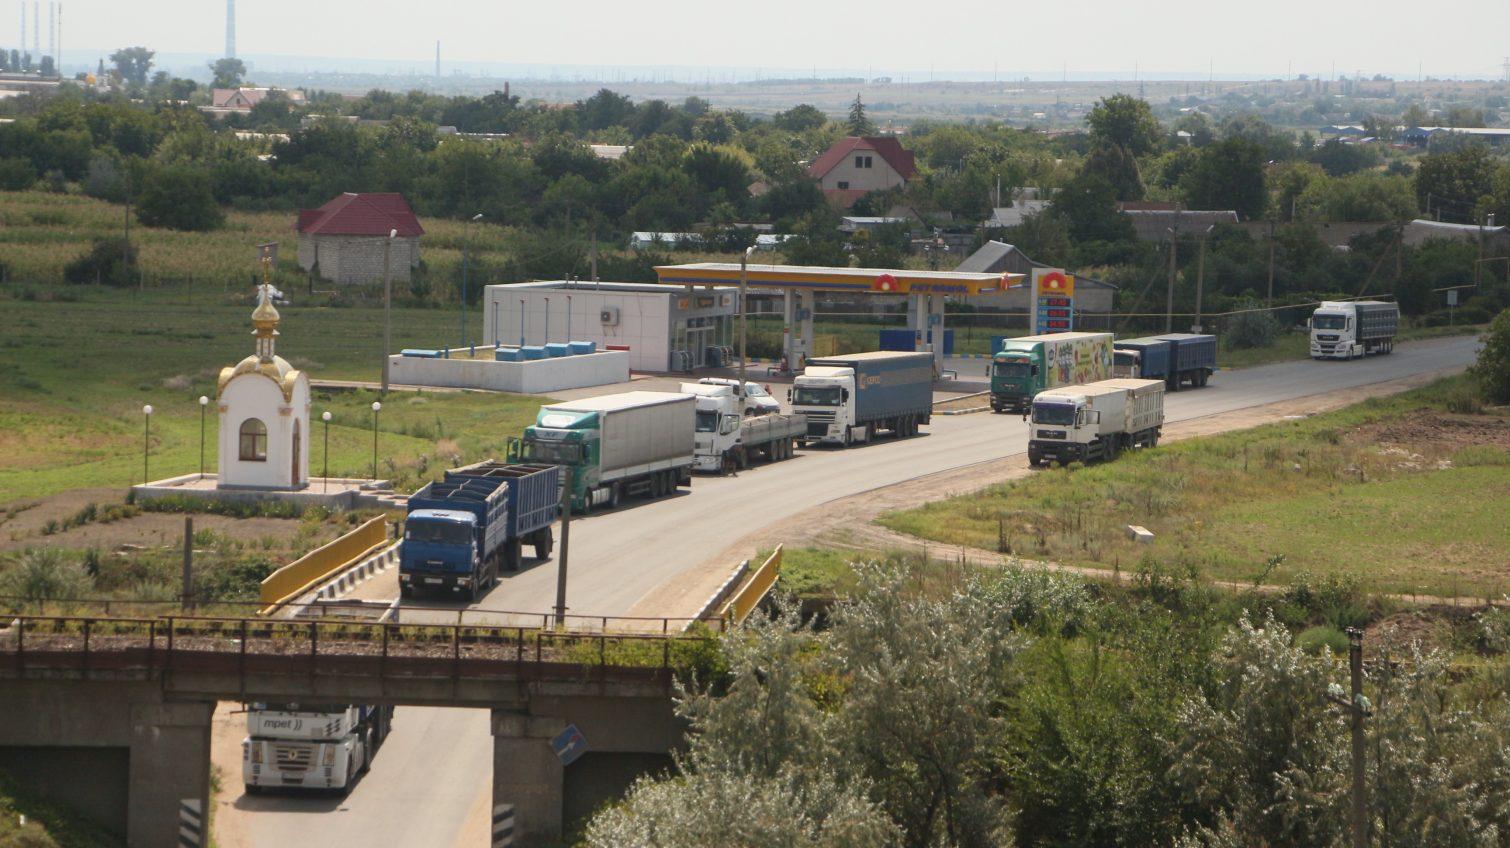 Трассу у Кучурган перекрывает глава Раздельнянского района: активисты ждут денег от новой Рады и внимания Зеленского (фото, видео) «фото»